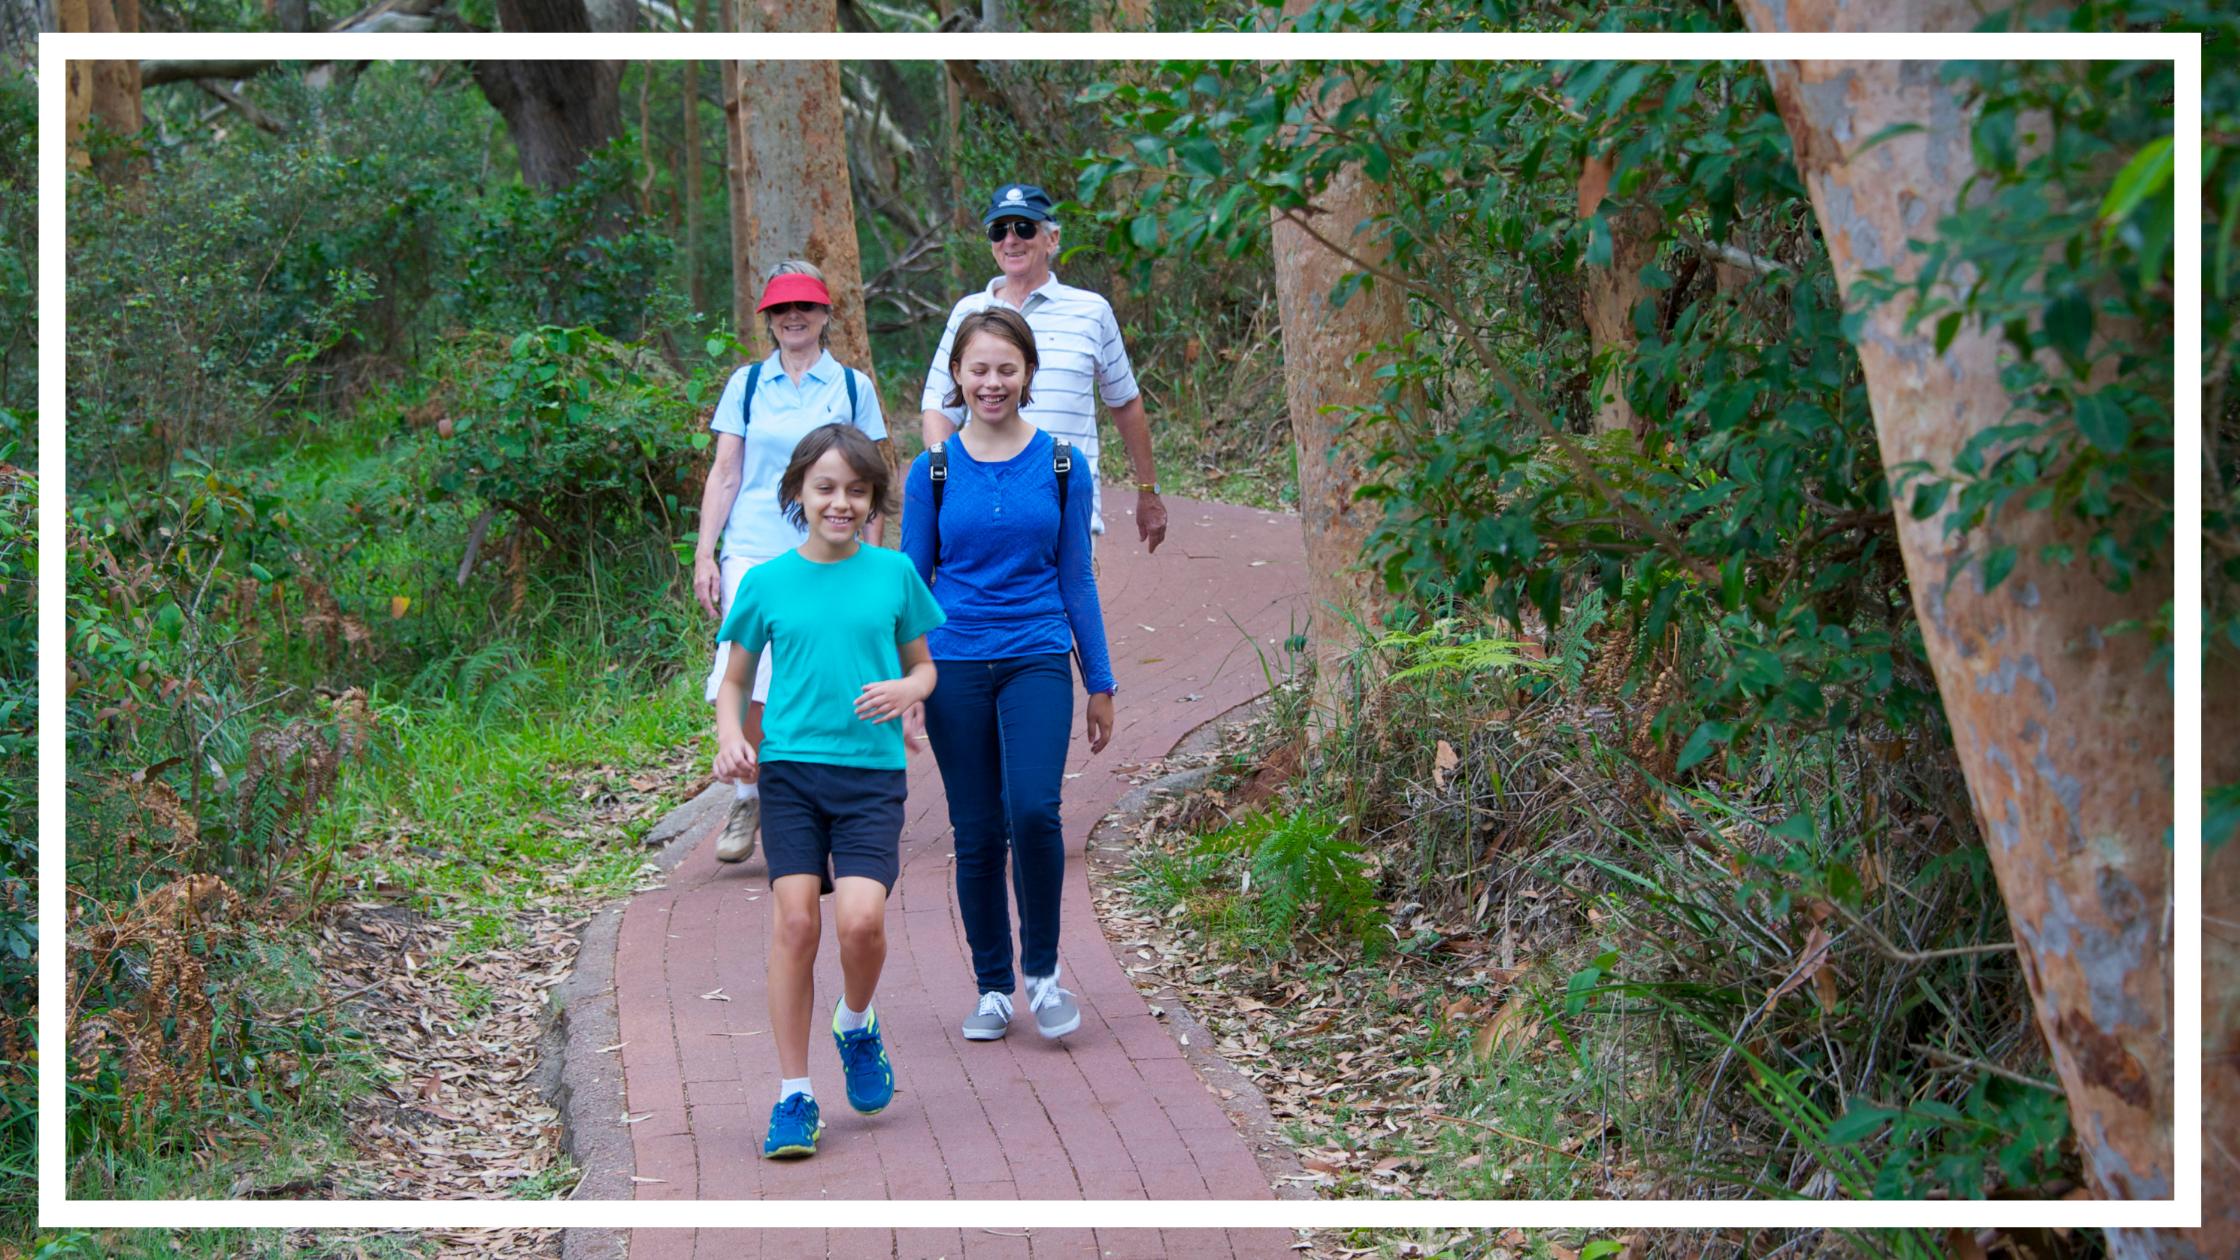 Bushwalking, Tomaree National Park, Port Stephens by Destination NSW